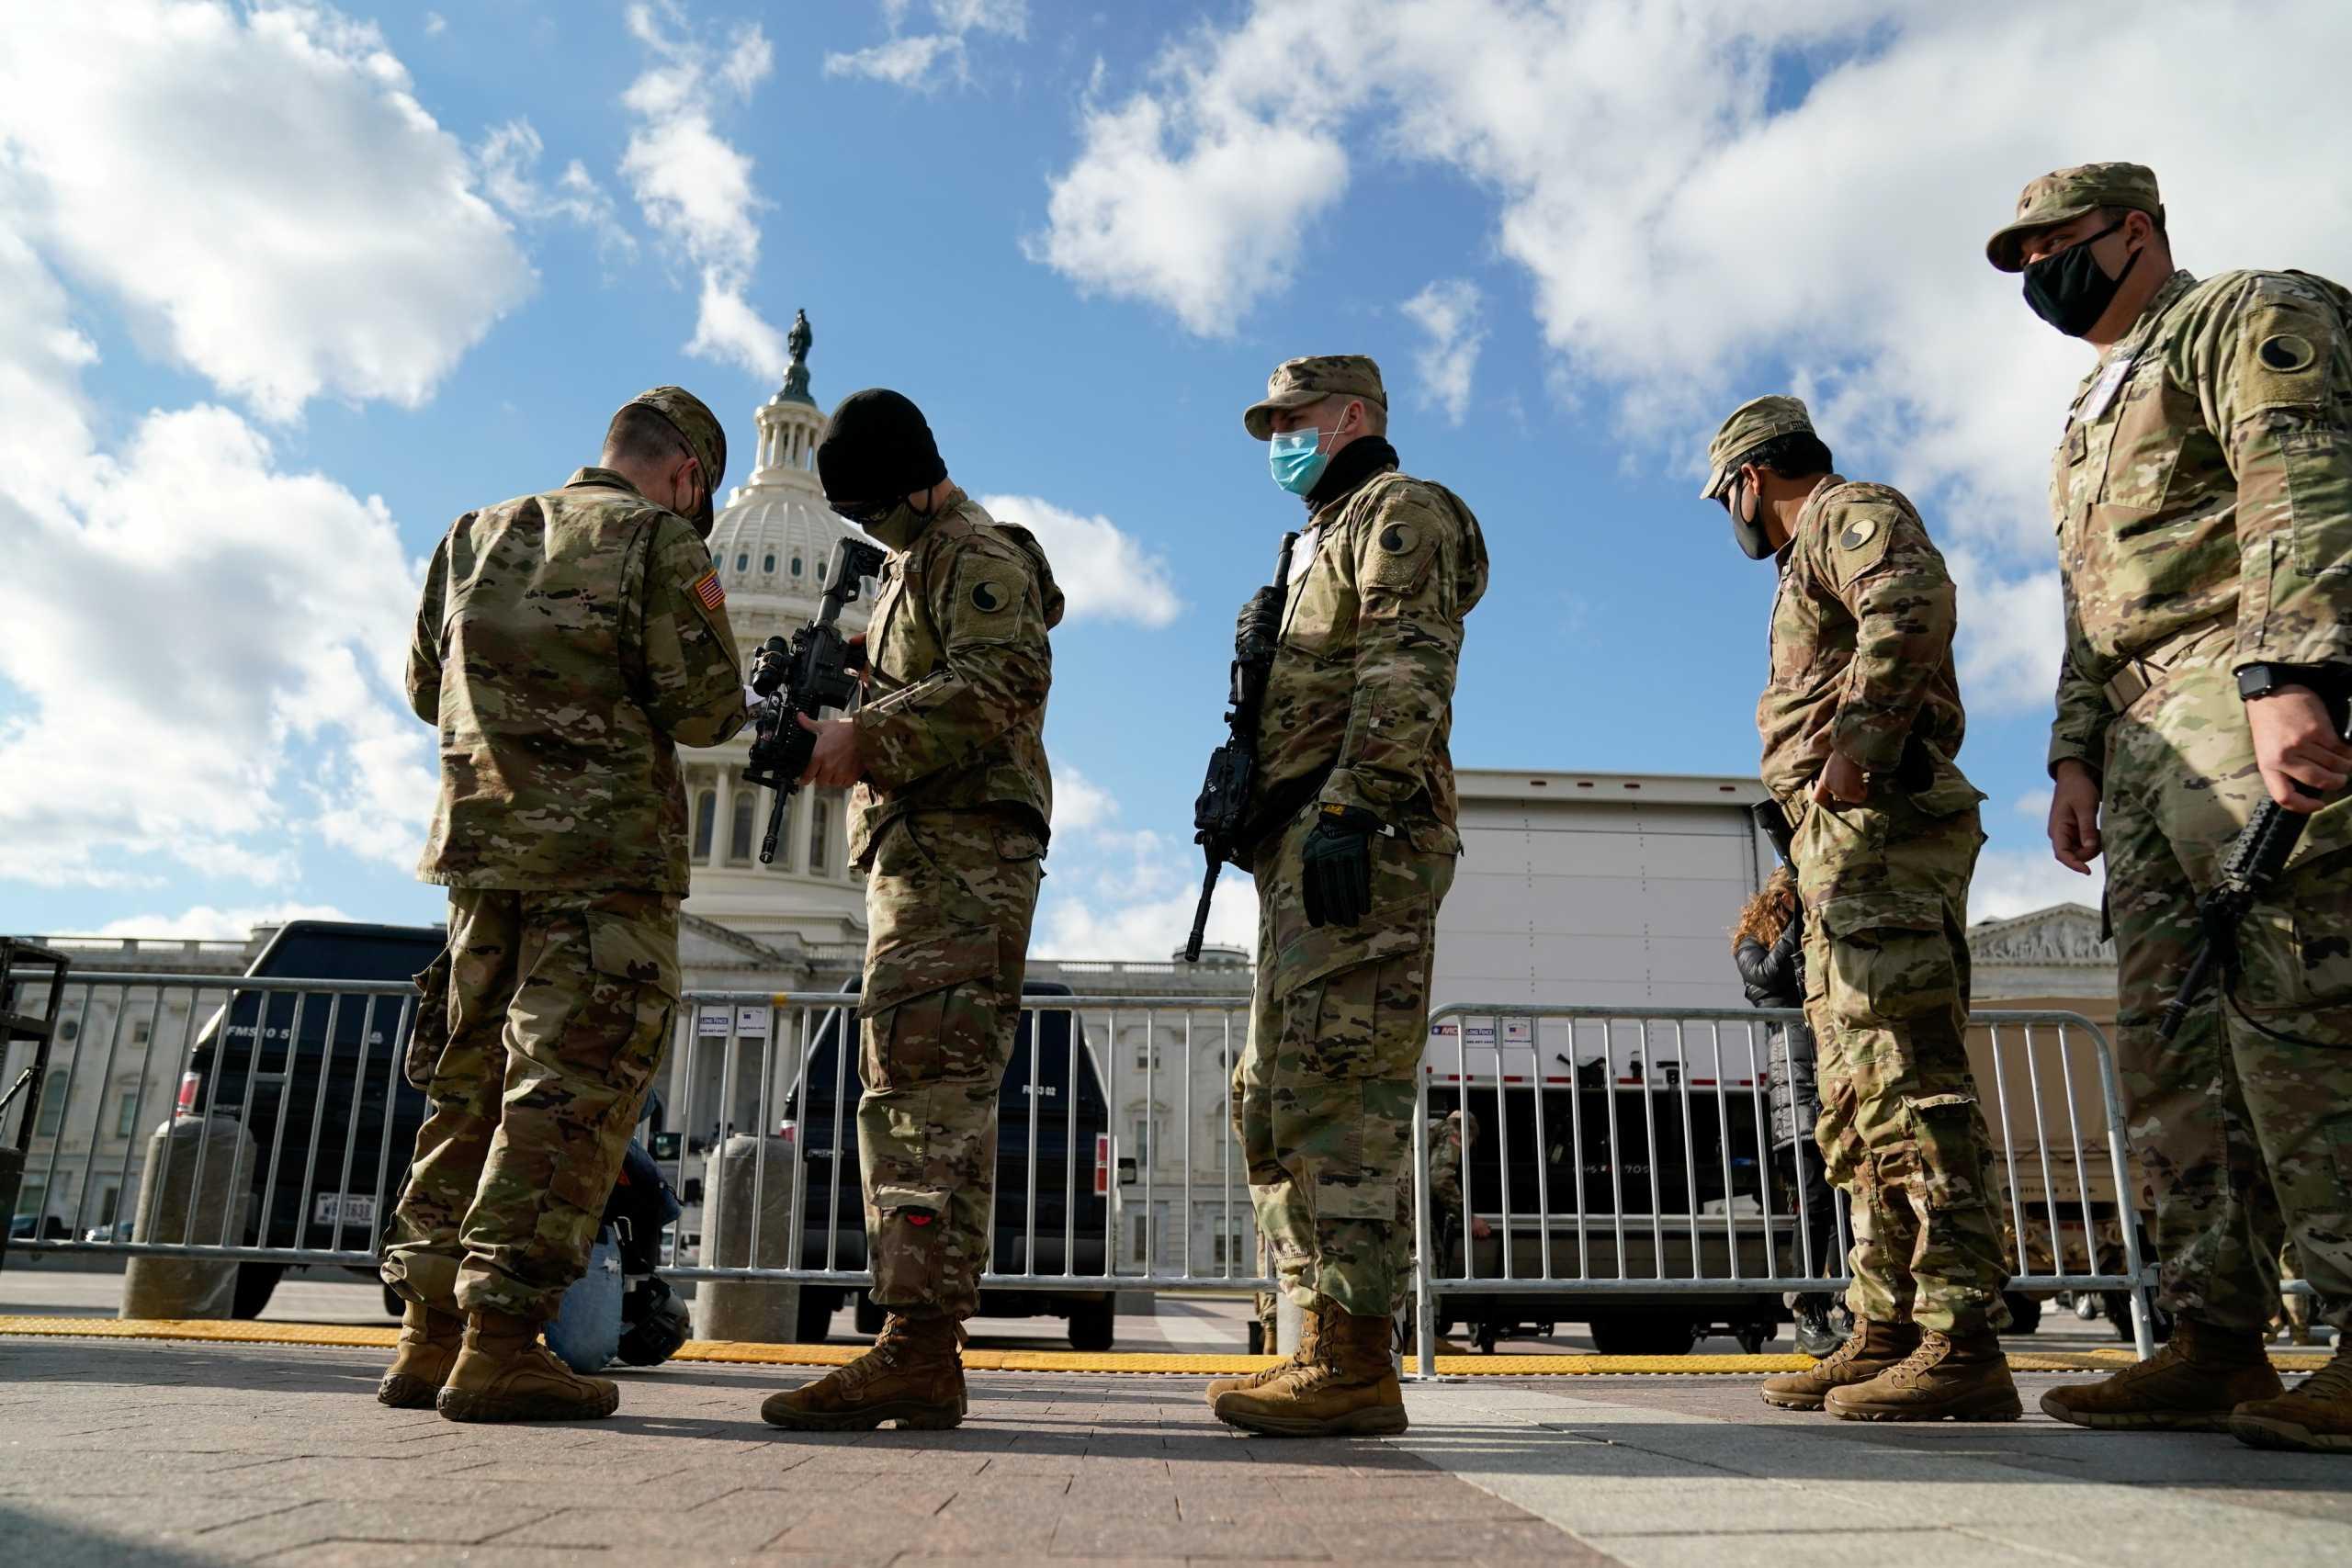 ΗΠΑ: Το FBI περνά από «κόσκινο» την Εθνοφρουρά πριν από την ορκωμοσία Μπάιντεν